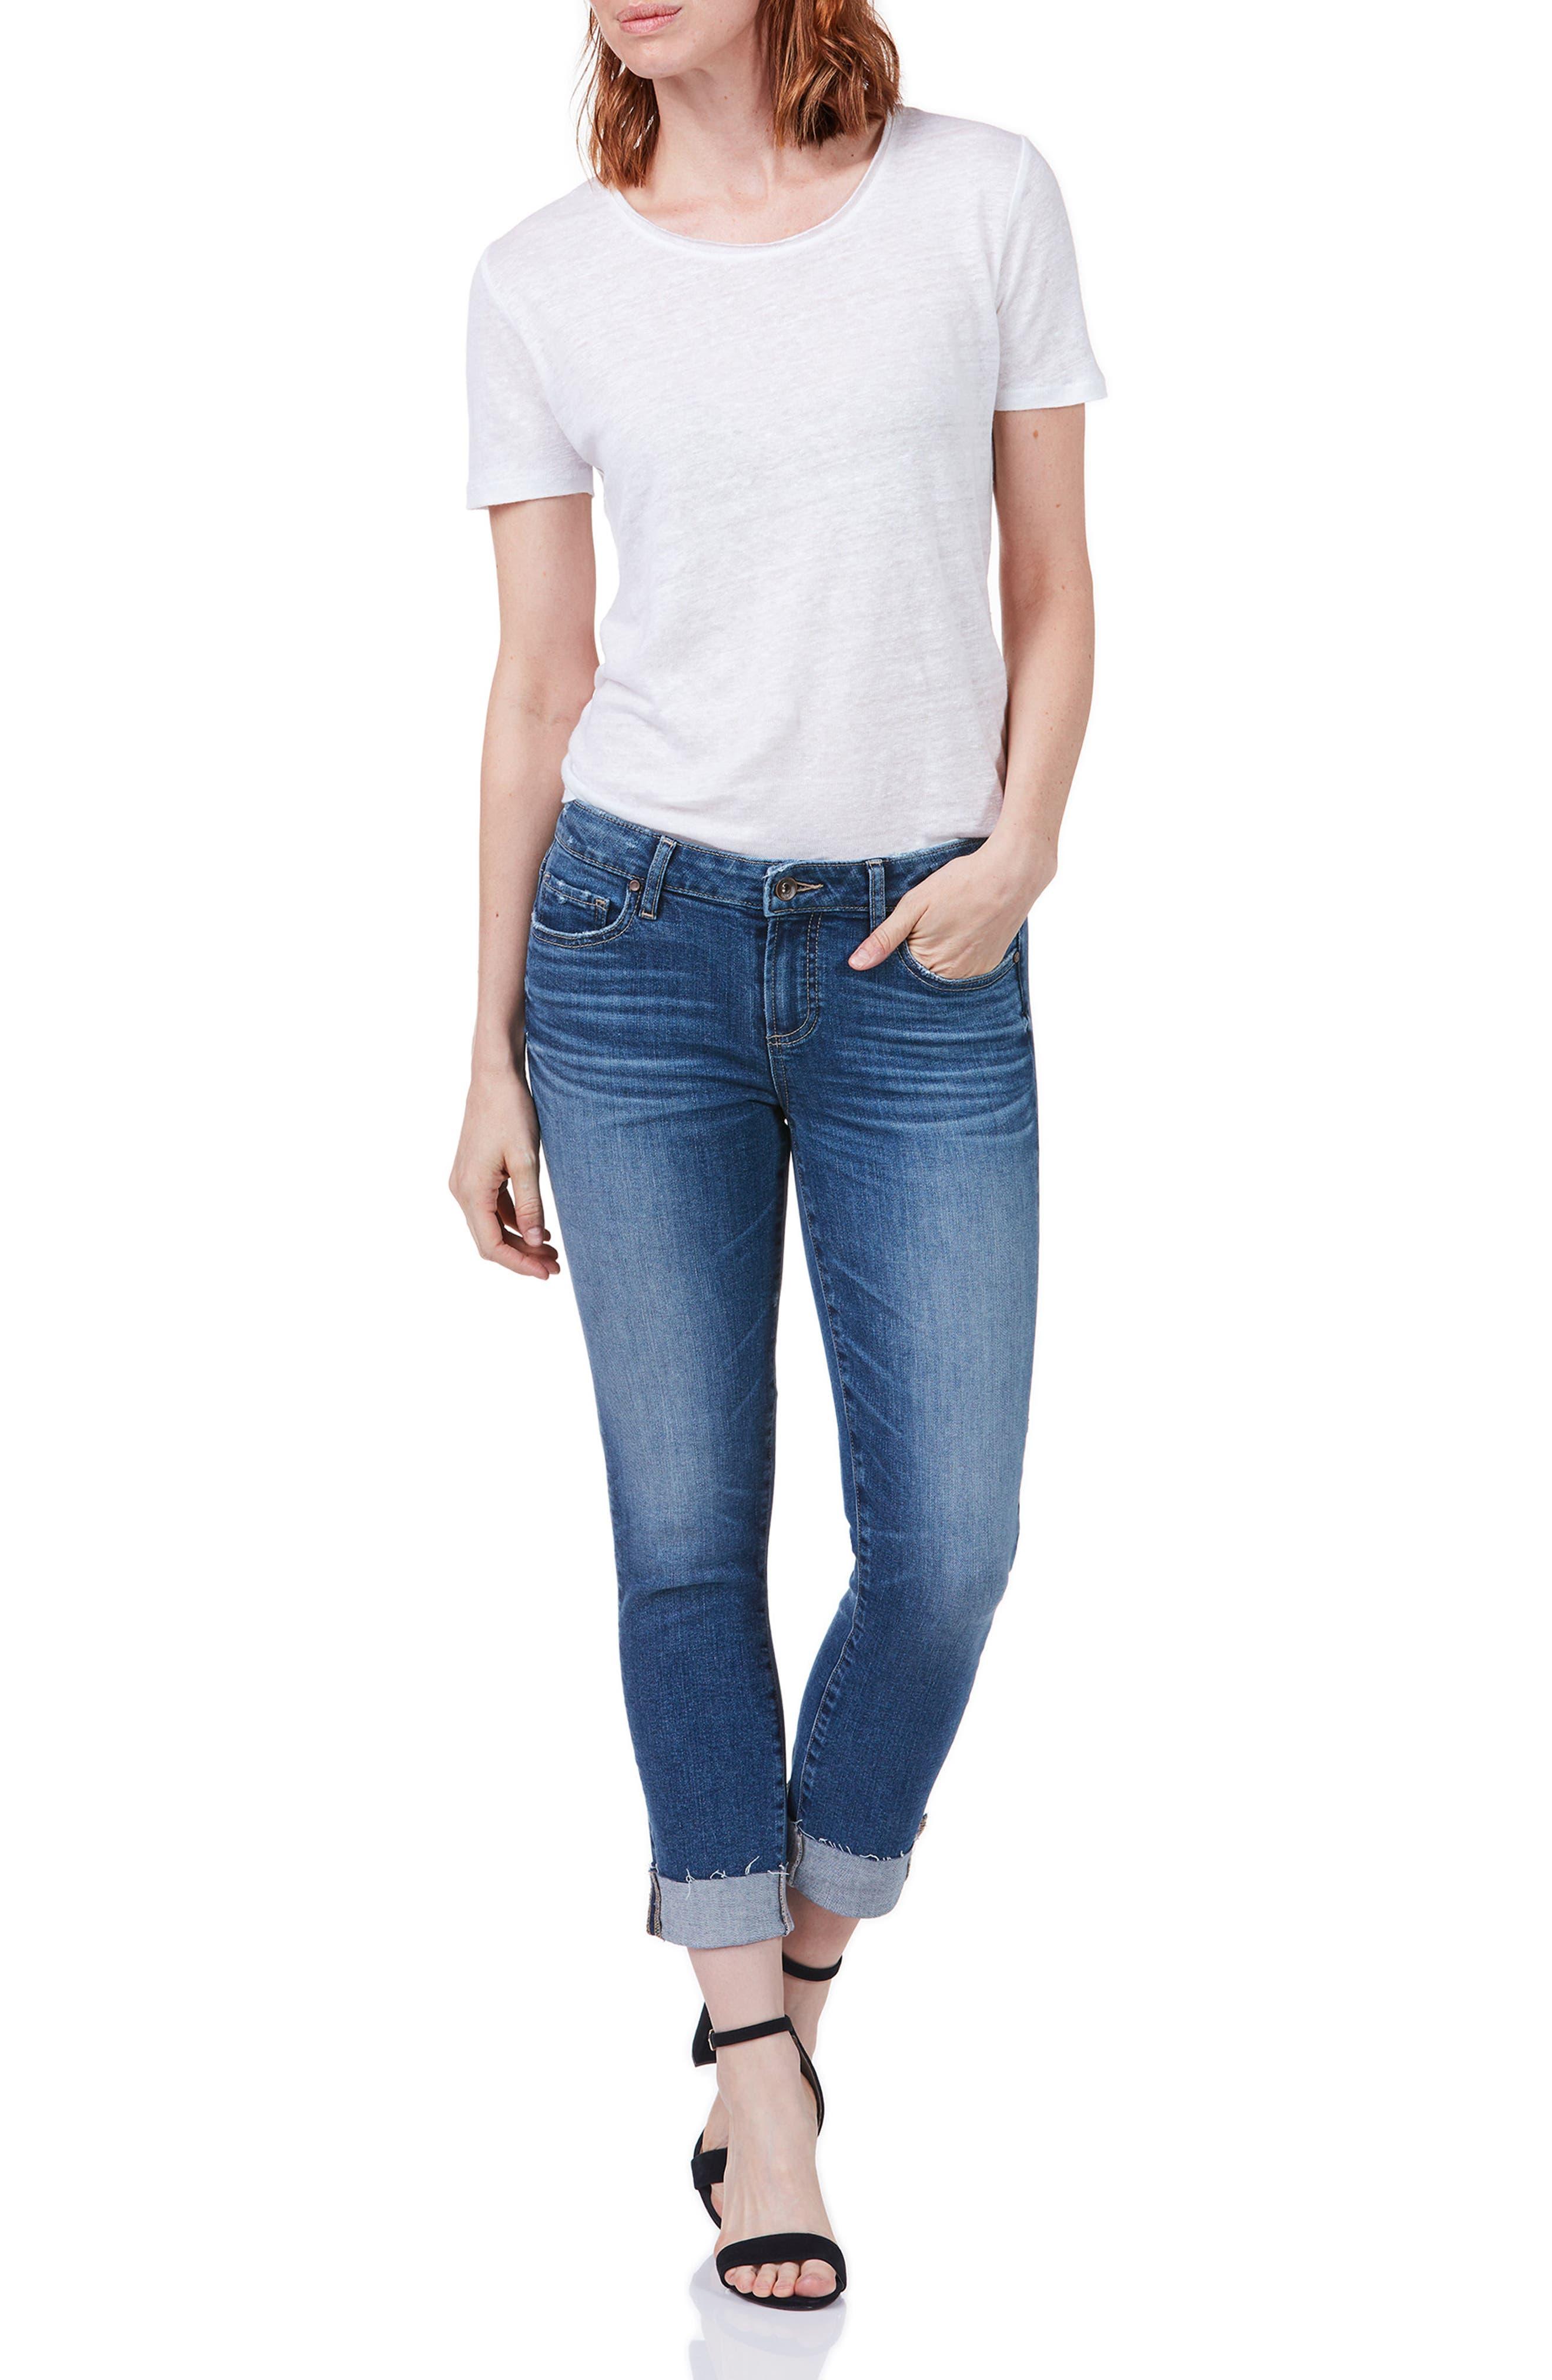 Transcend Vintage - Skyline Crop Skinny Jeans,                             Alternate thumbnail 4, color,                             PICO